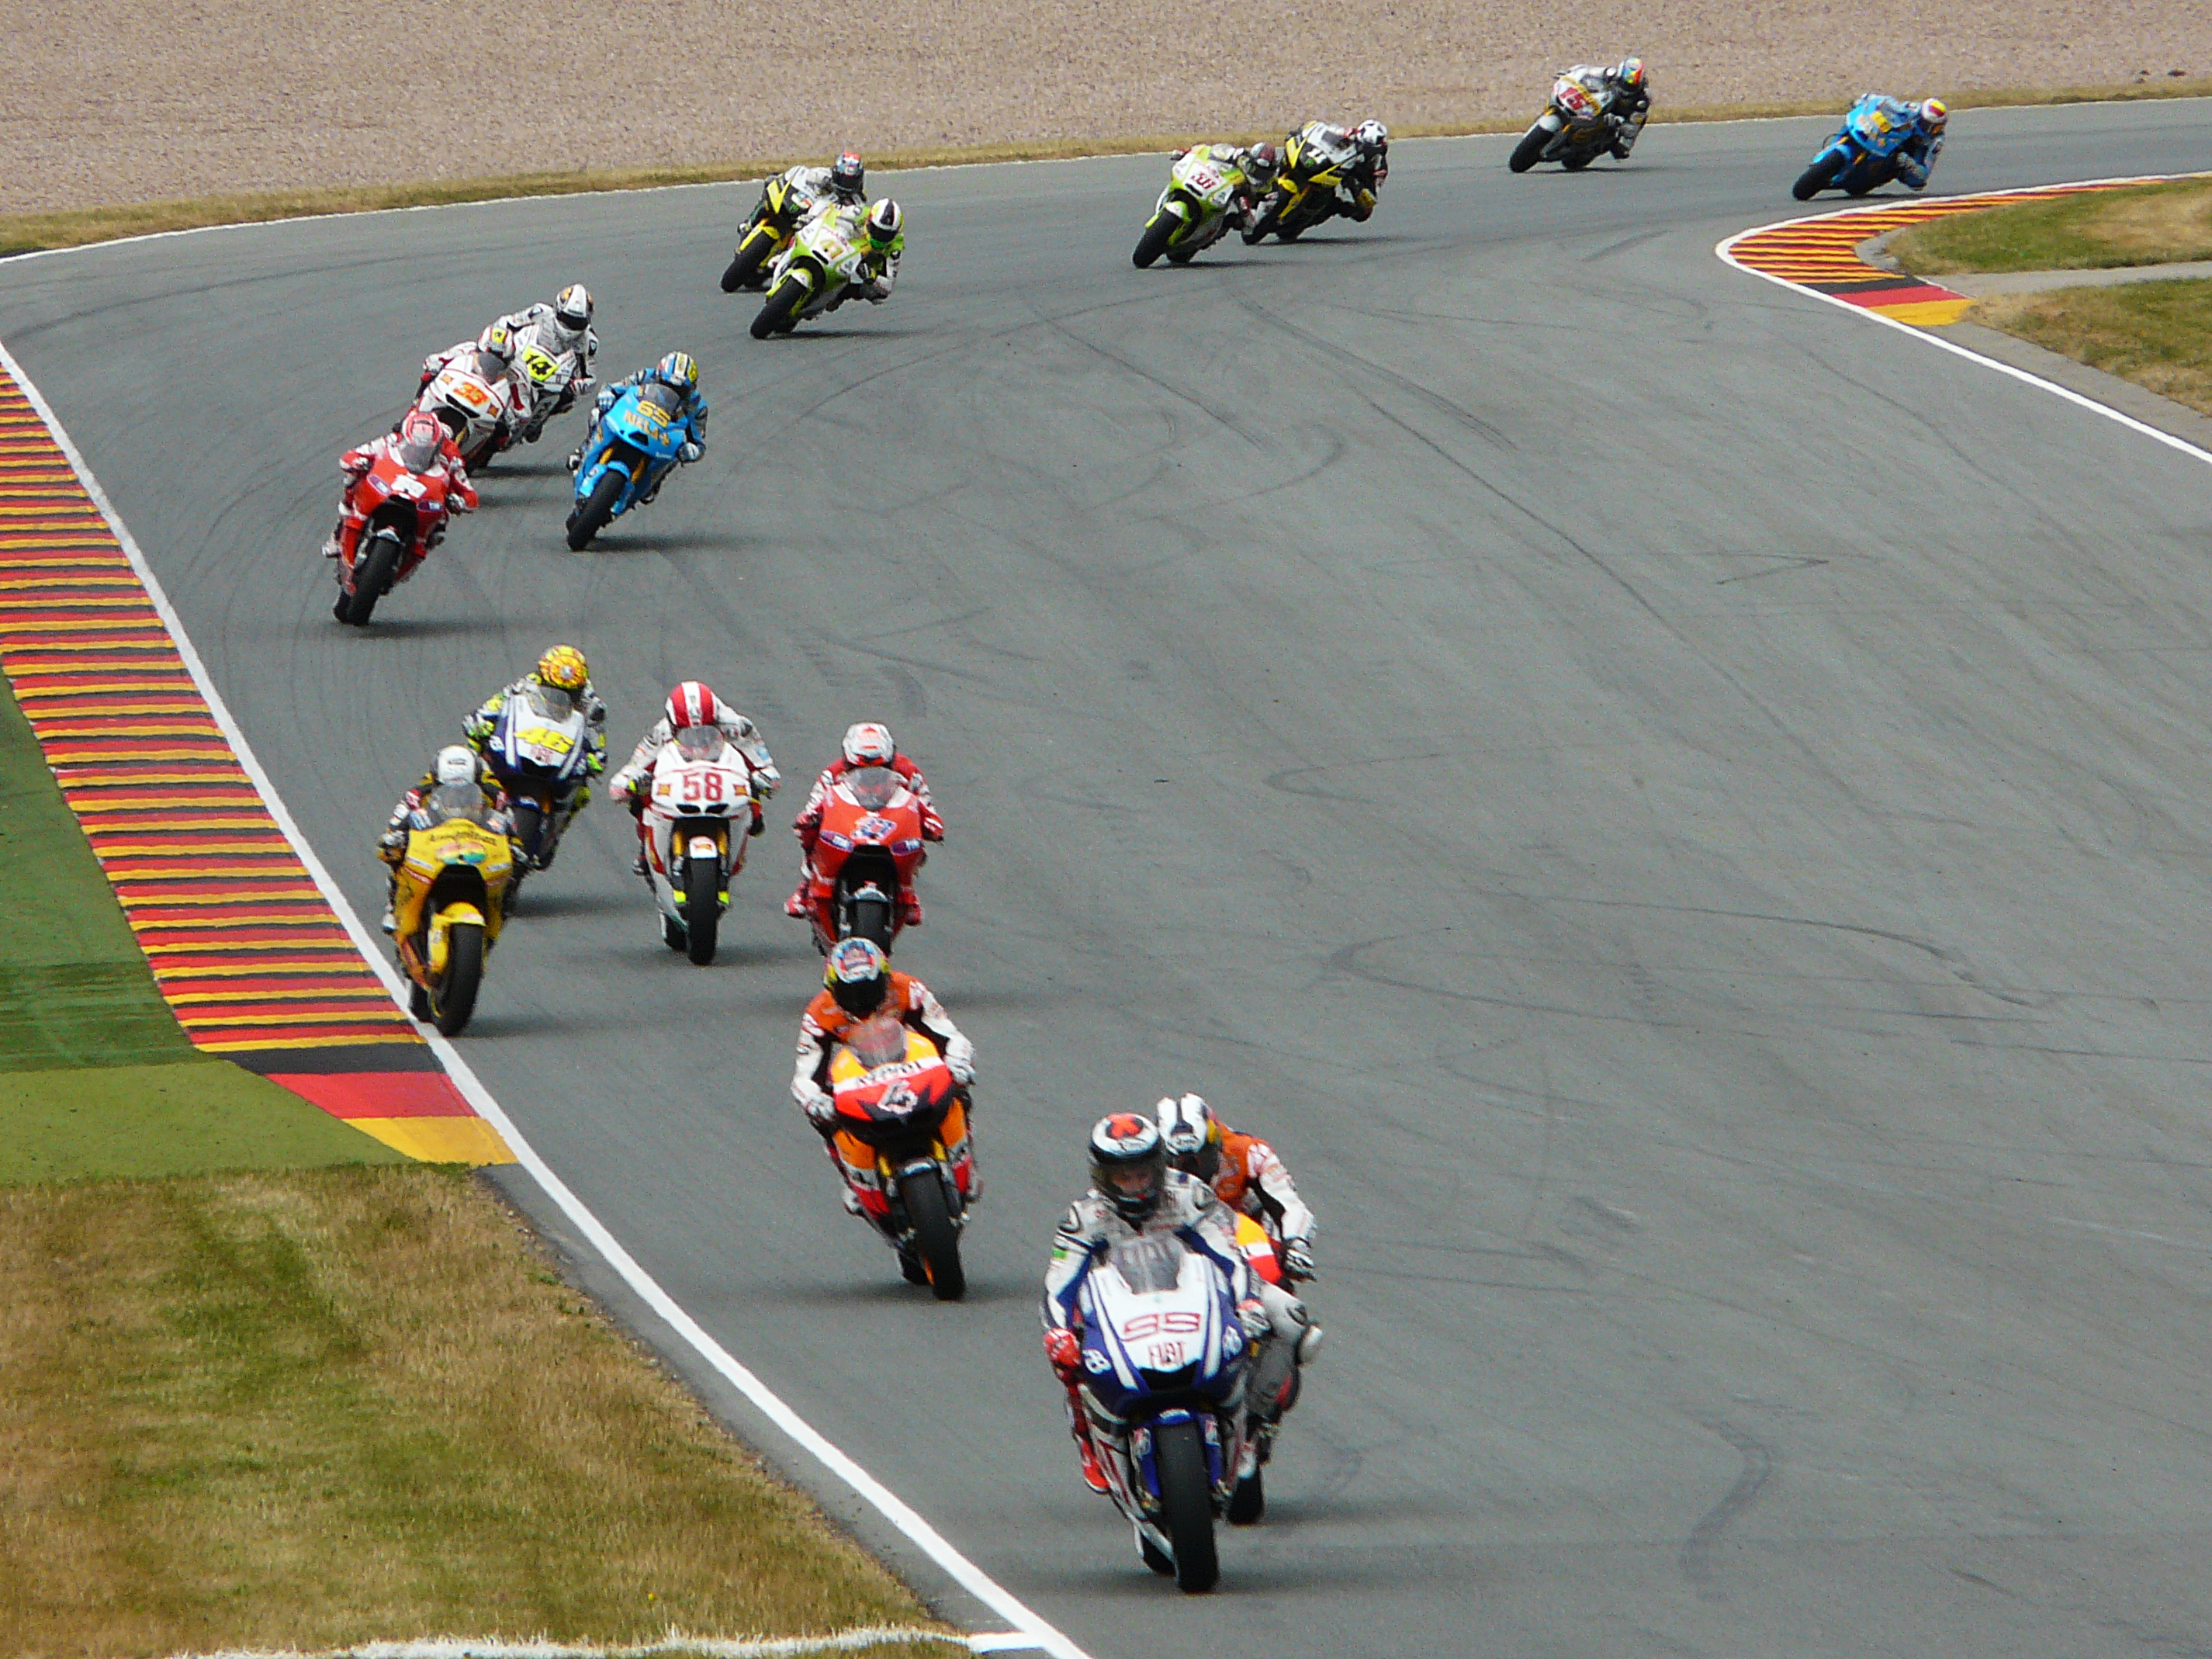 Circuito Sachsenring : Jonas folger en el circuito de sachsenring marca